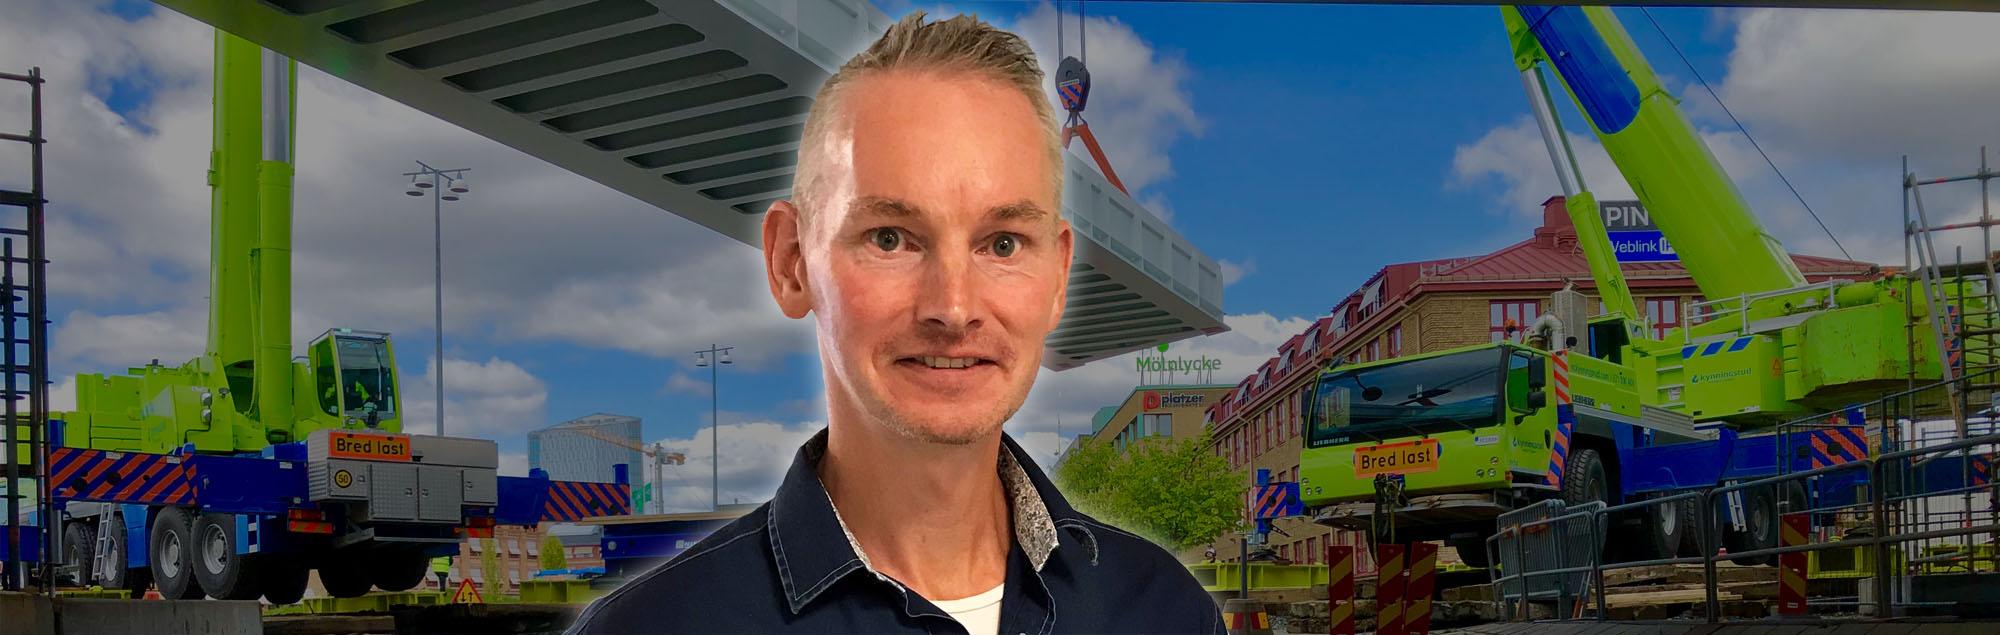 Ny säkerhetschef KNCAB Erik Everbrink